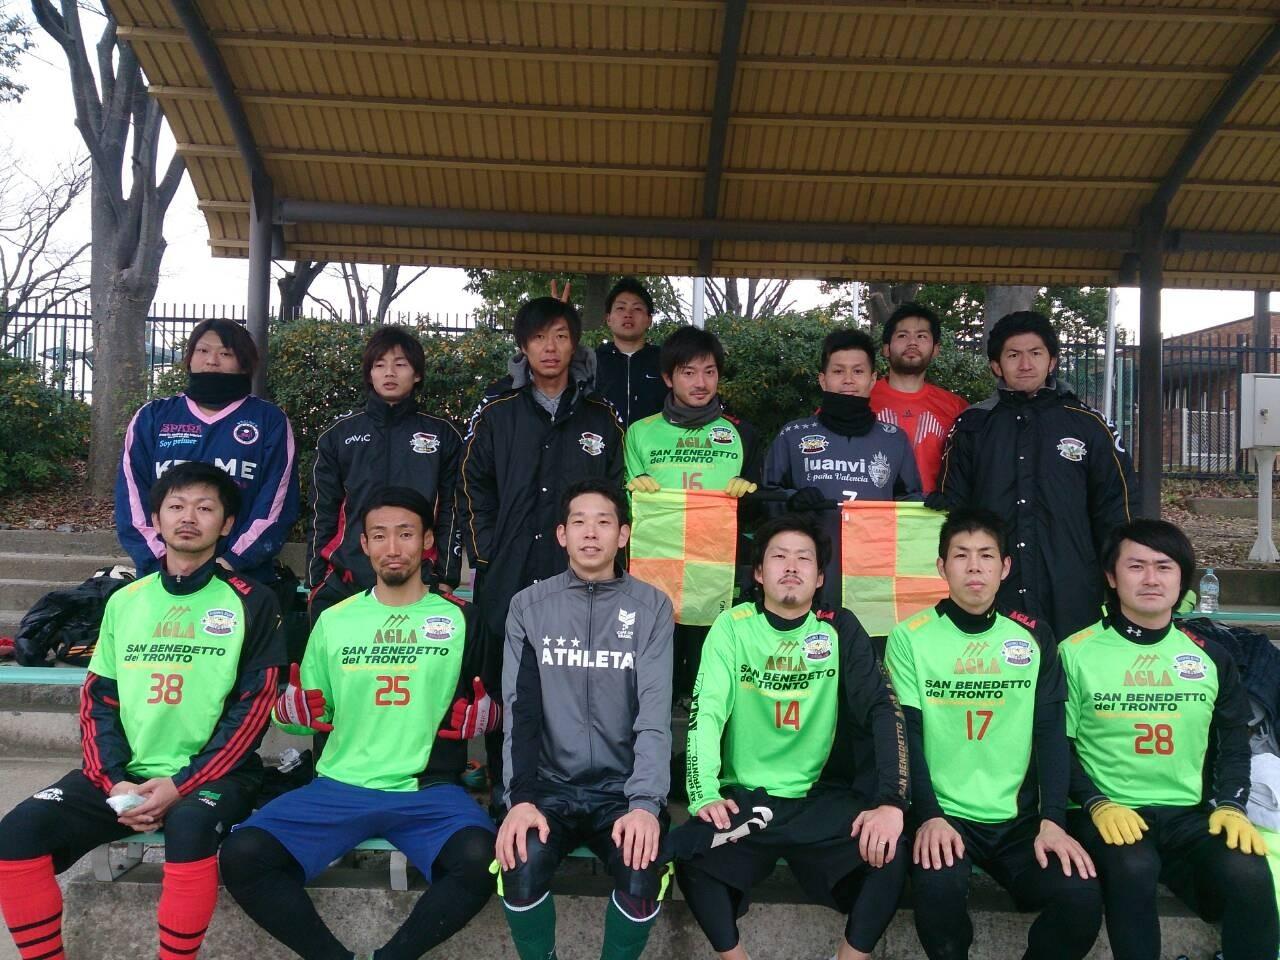 2014/1/5 寝屋川公園  vs エンクエントロ  vs FCボニート  vs 枚方FCユナイテッド